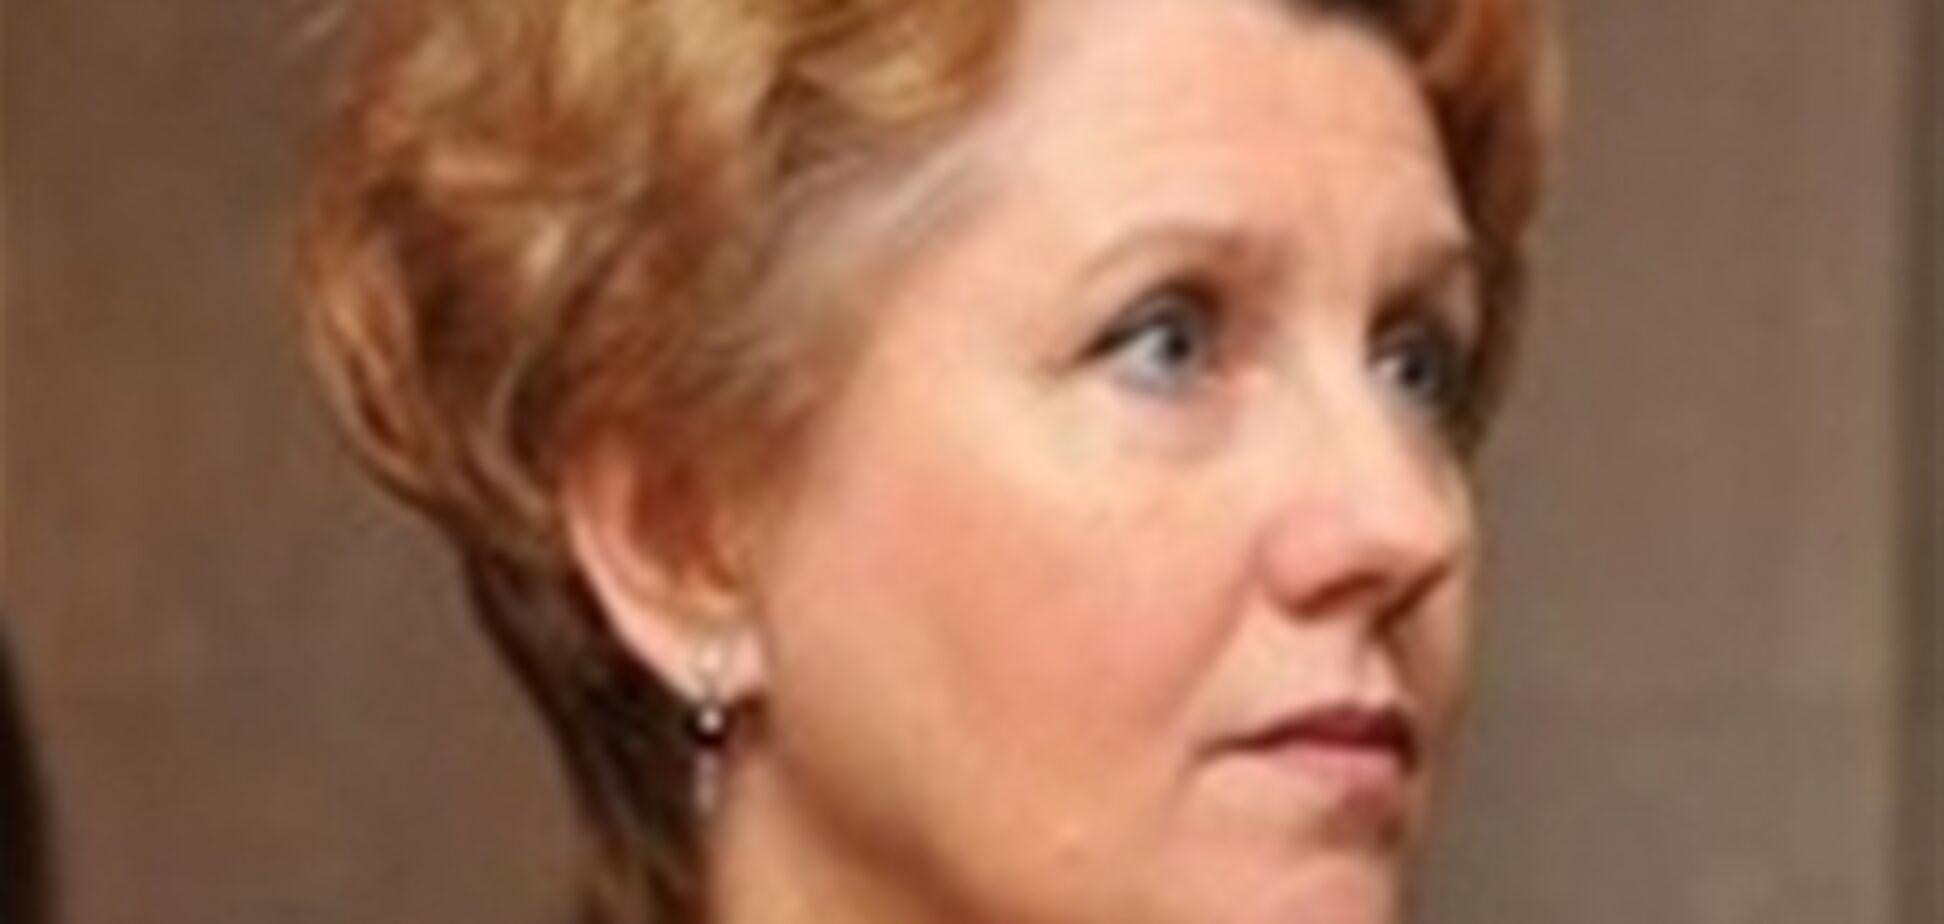 Лукьяновский рынок приватизировали с нарушениями -  депутат Киевсовета Новак